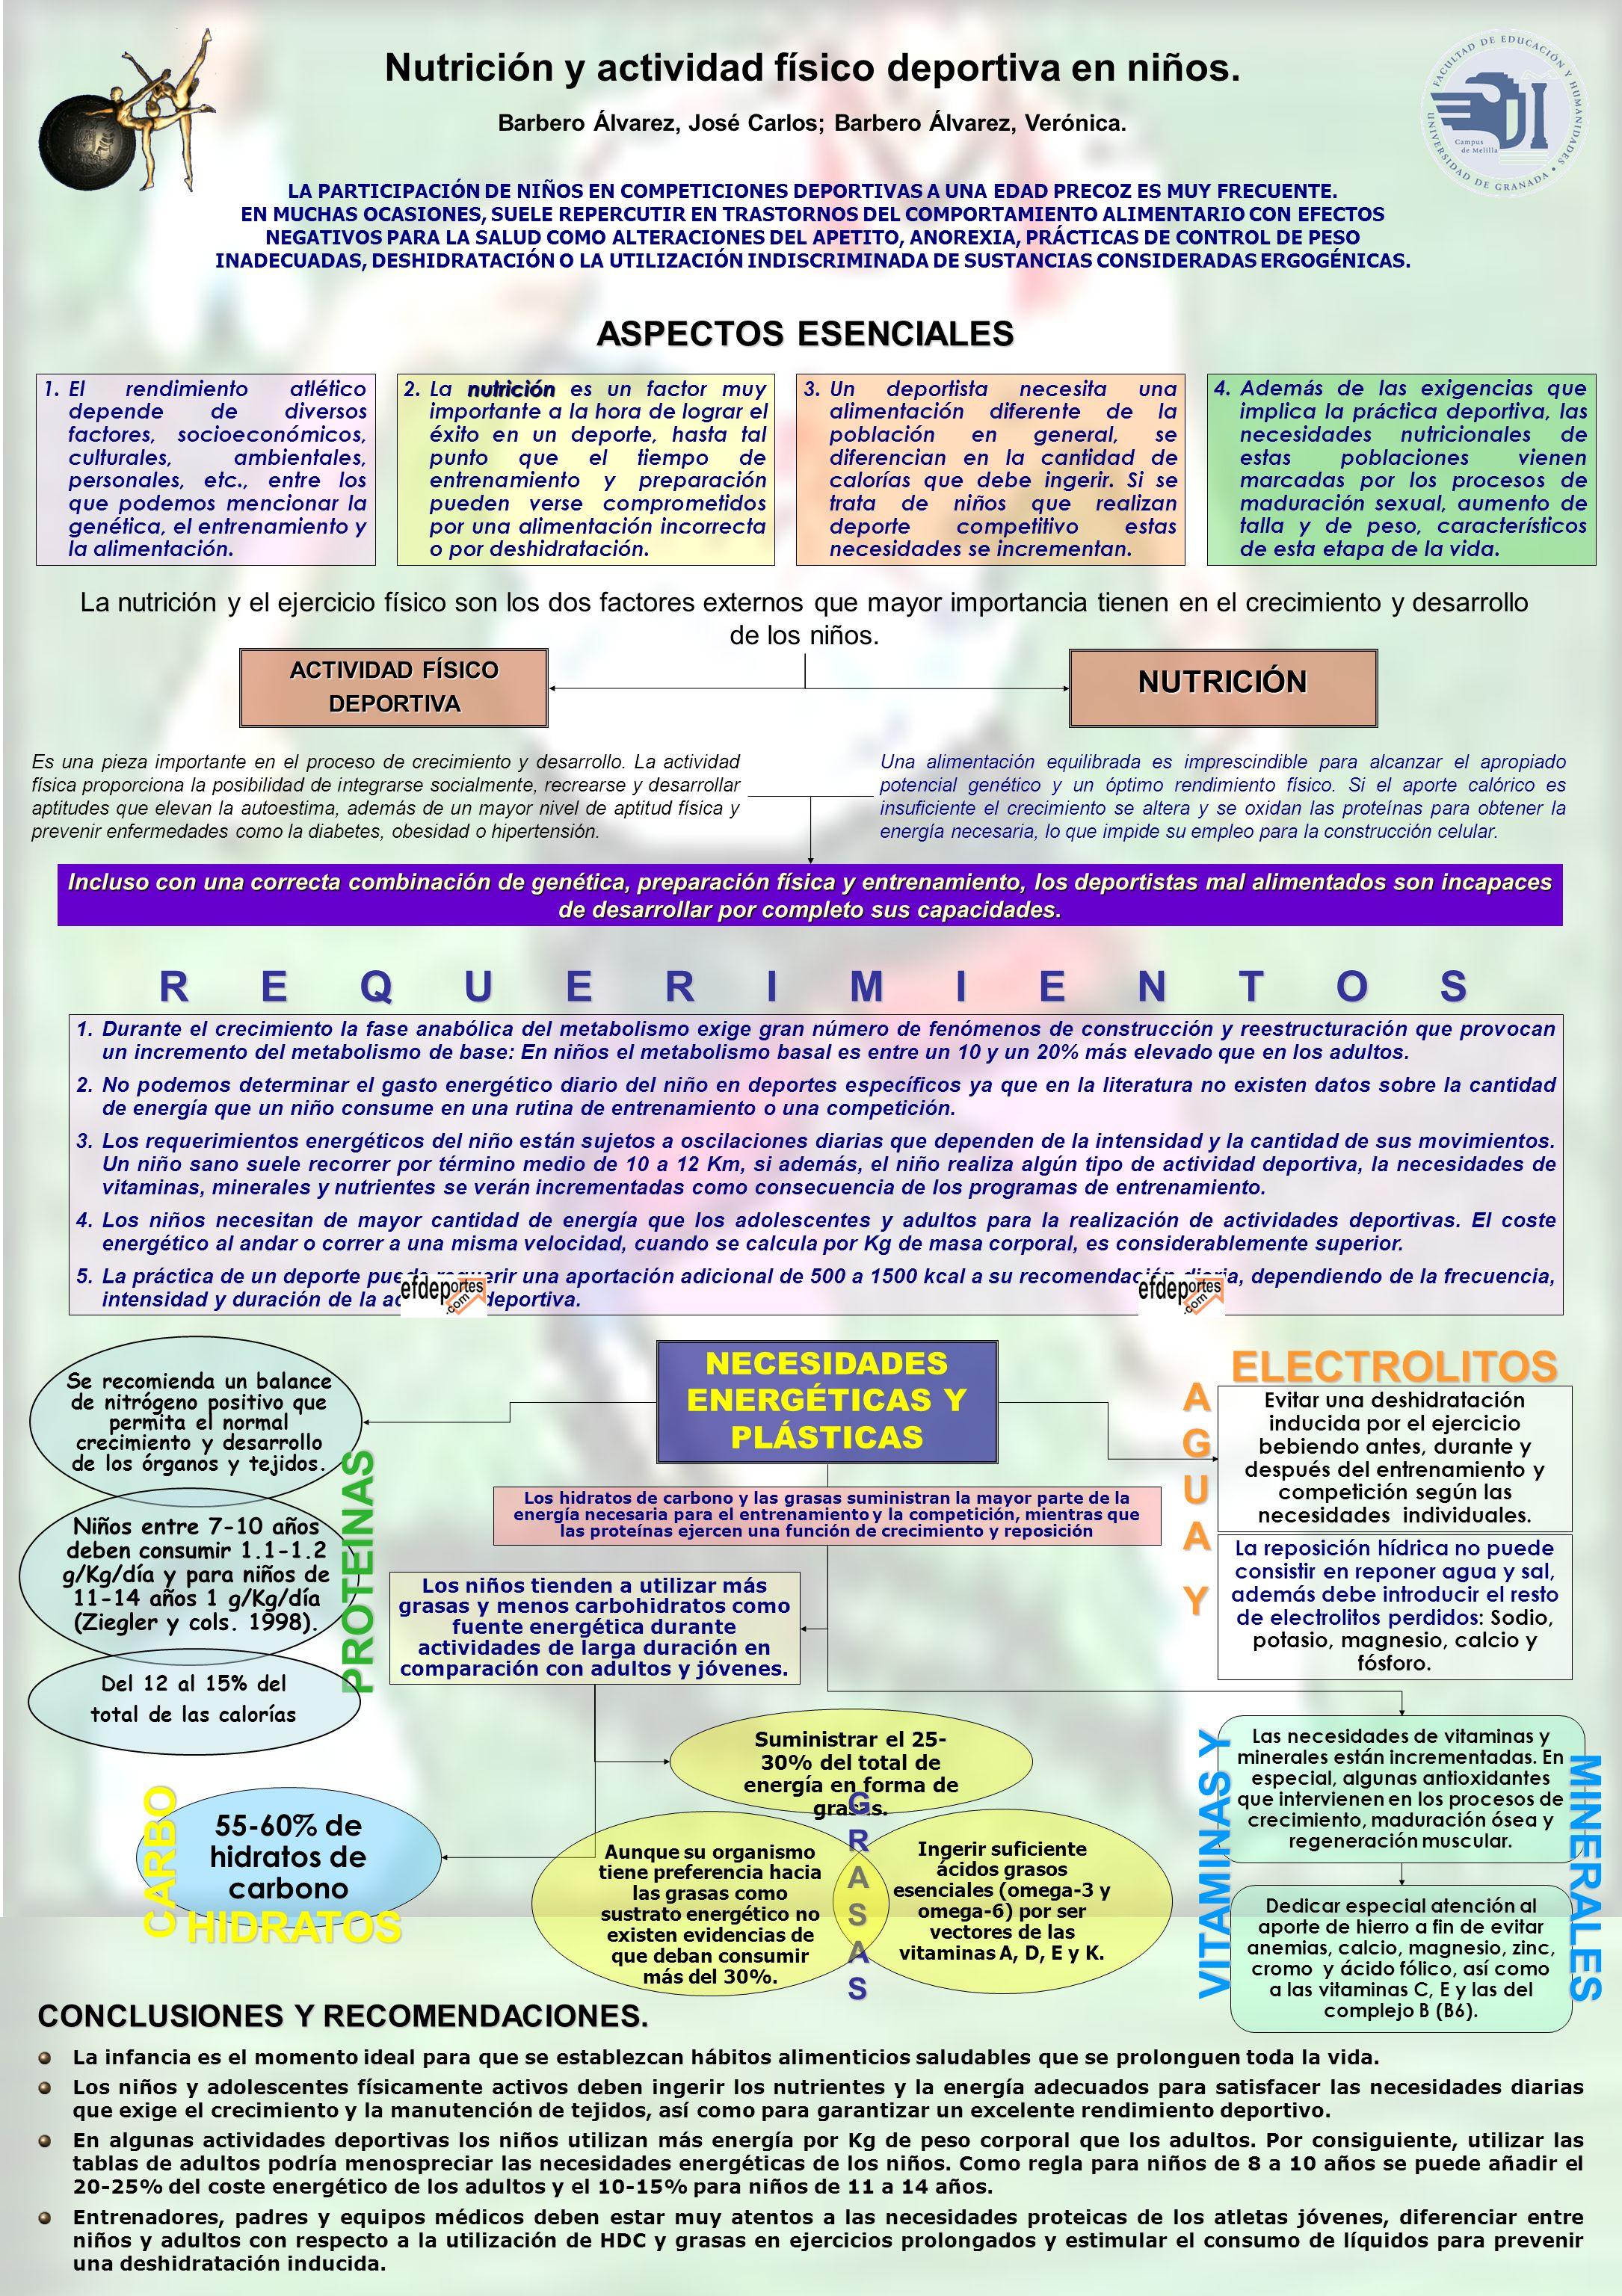 Ingerir suficiente ácidos grasos esenciales (omega-3 y omega-6) por ser vectores de las vitaminas A, D, E y K. Evitar una deshidratación inducida por